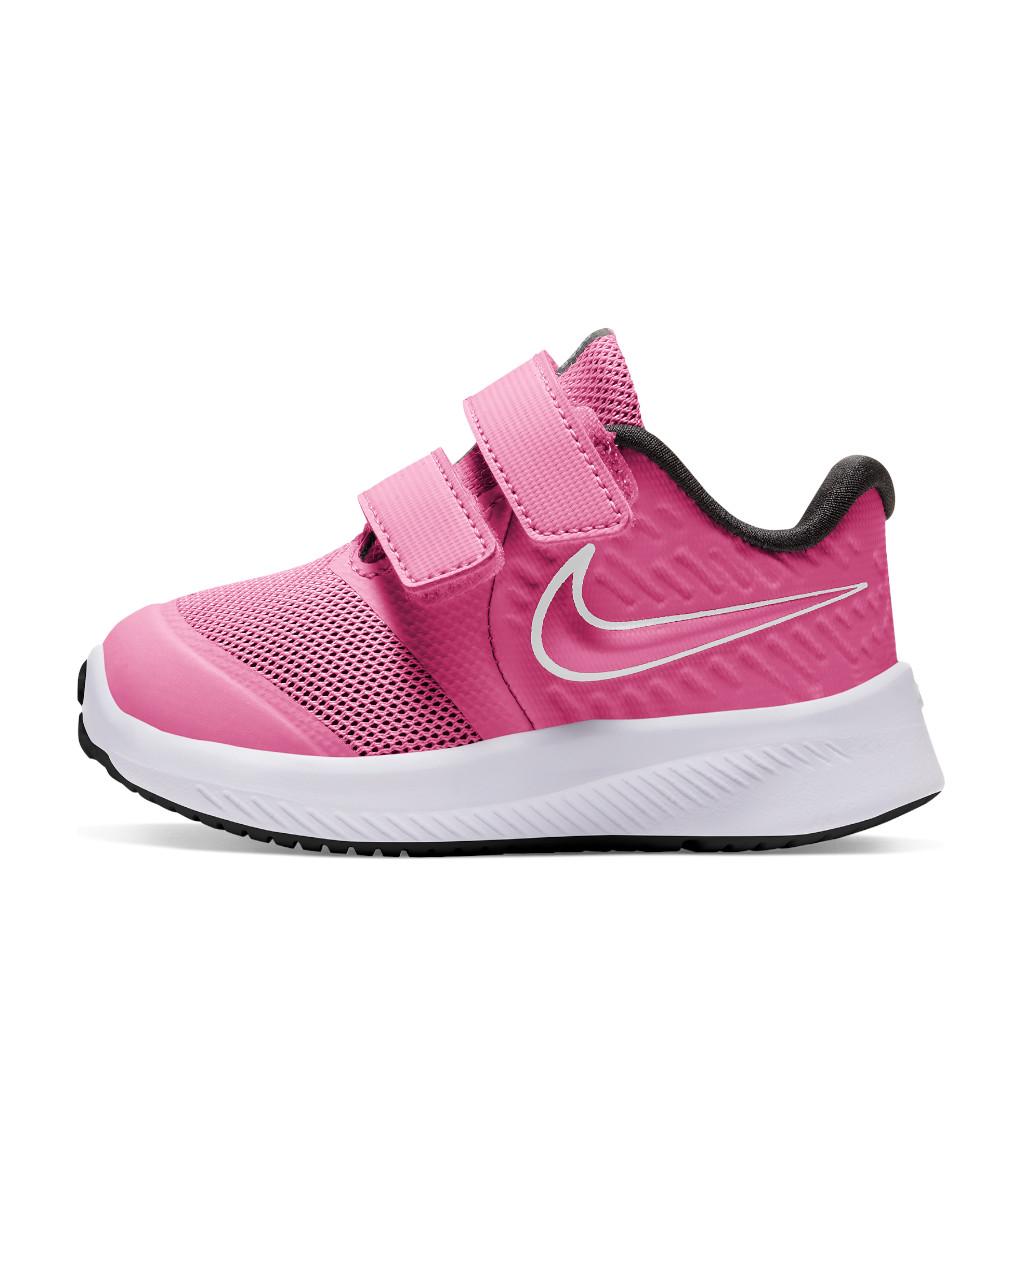 Nike star runner 2 - Nike